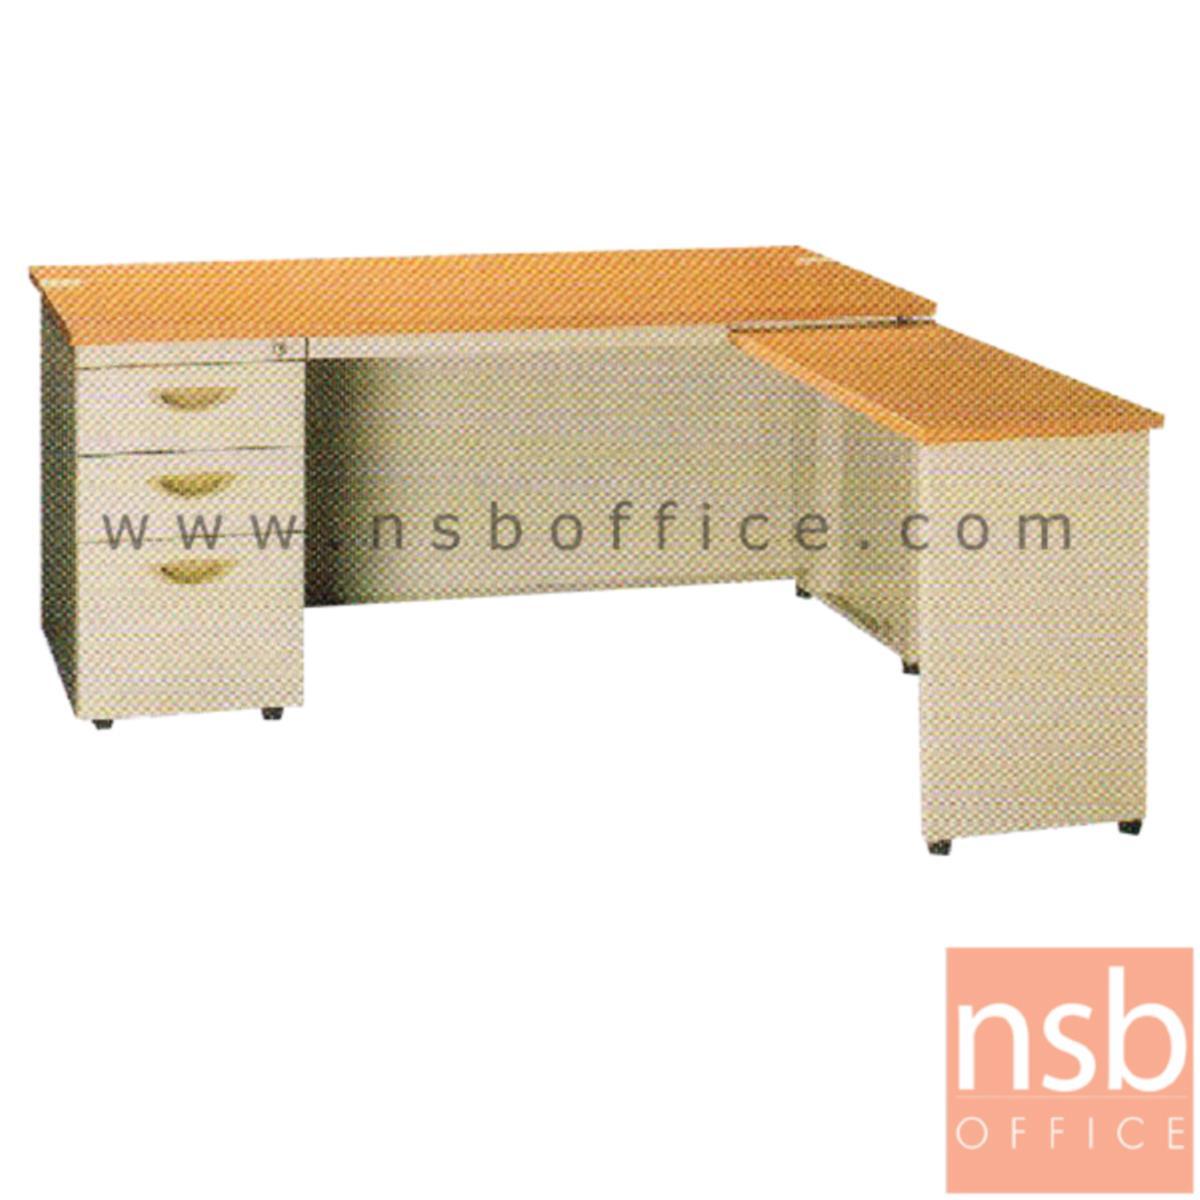 E28A120:โต๊ะทำงานเหล็กตัวแอล 3 ลิ้นชัก ยี่ห้อ ลักกี้  รุ่น DL3-75140,DL3-75160,DL3-75180